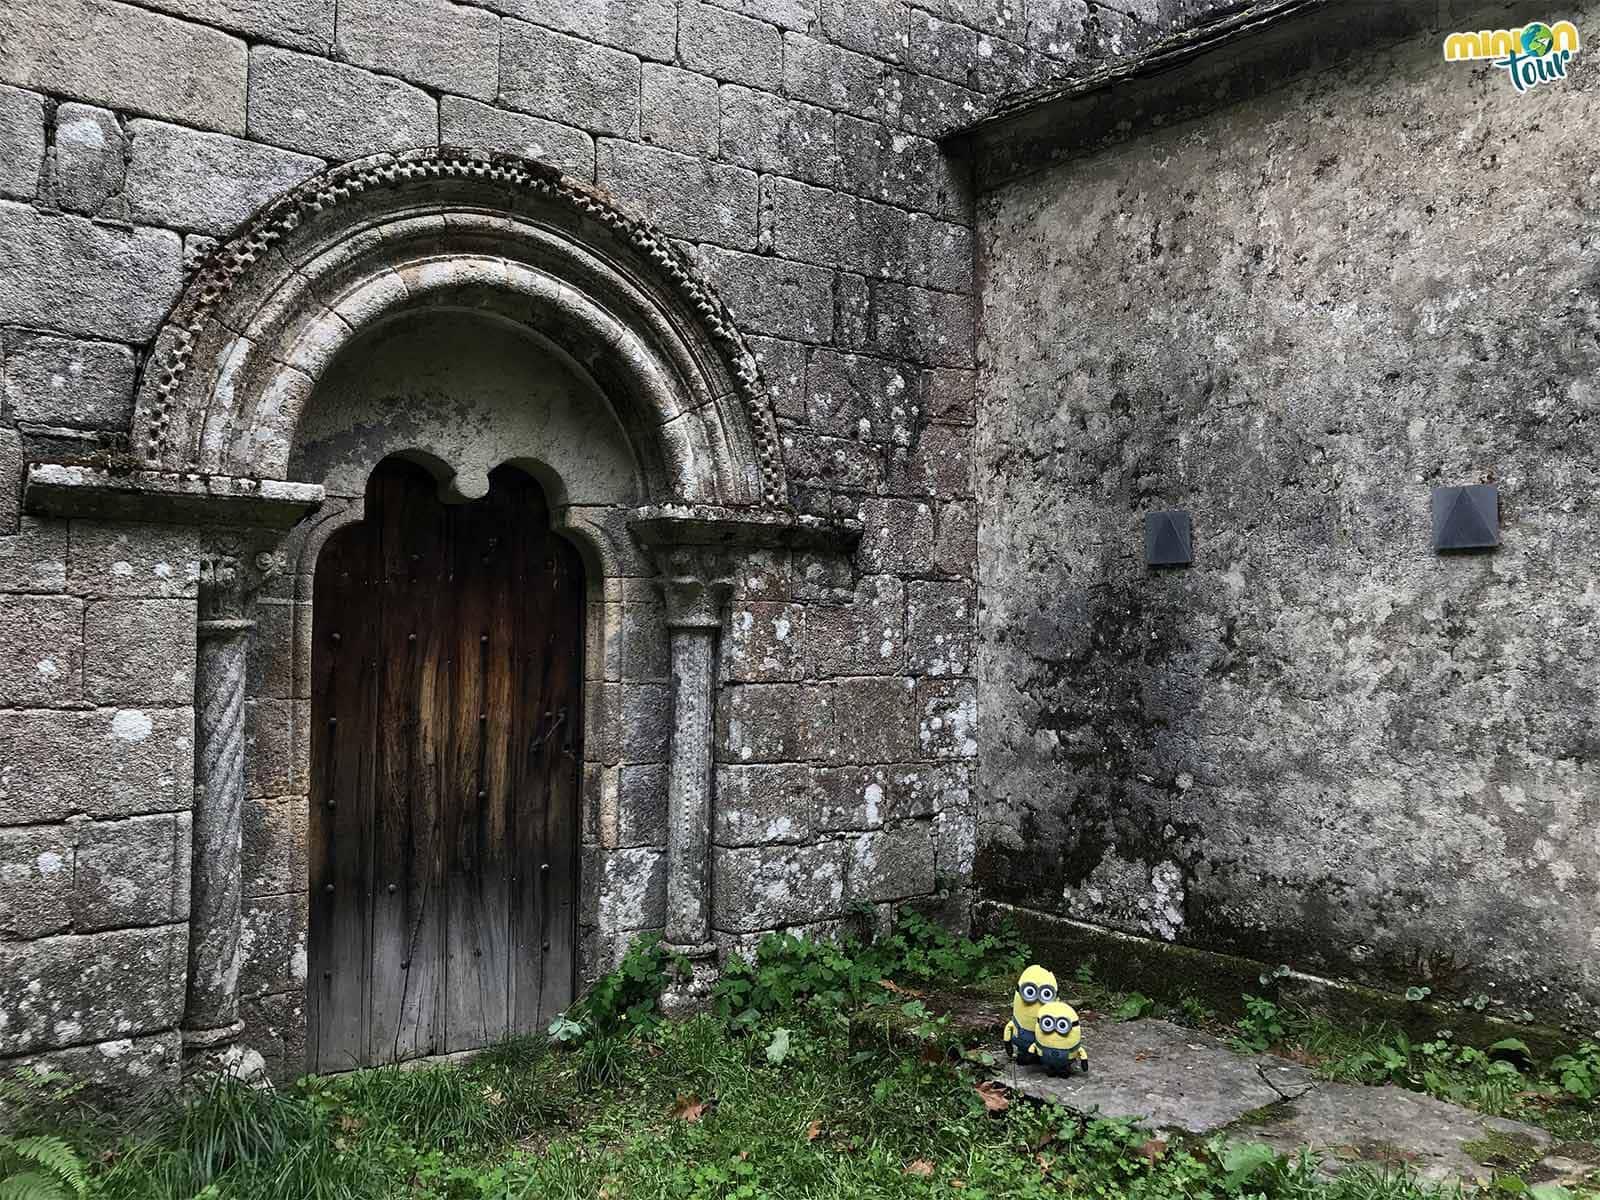 Cotilleando la portada lateral de la Iglesia románica de San Miguel de Bacurín